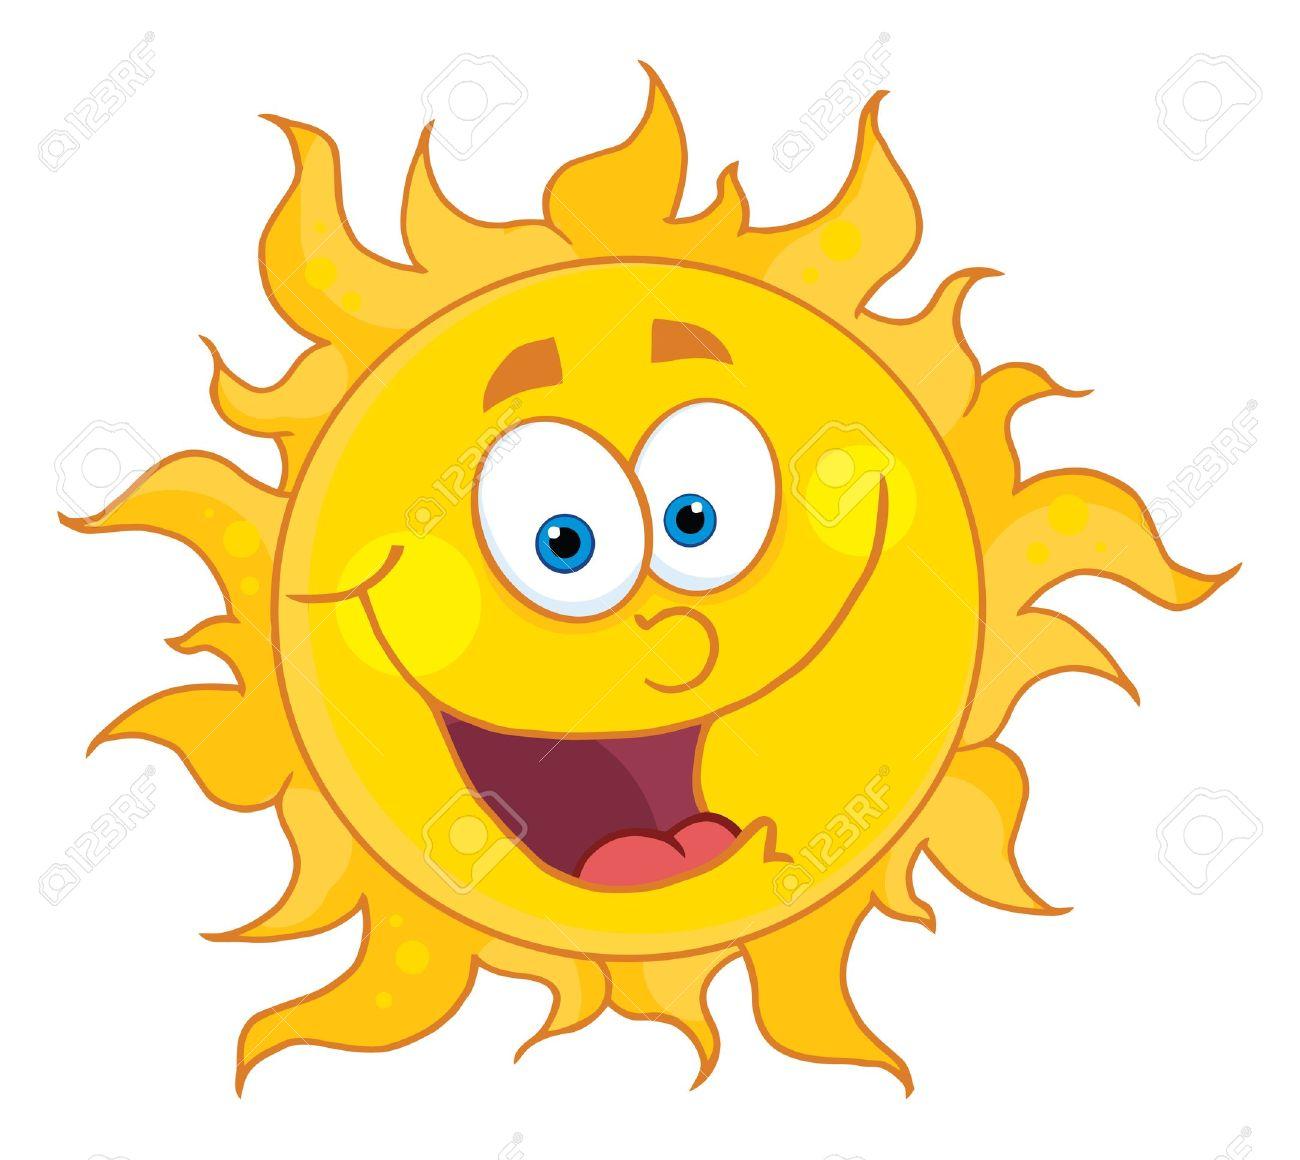 Sun Mascot Cartoon Character Stock Vector - 8930297